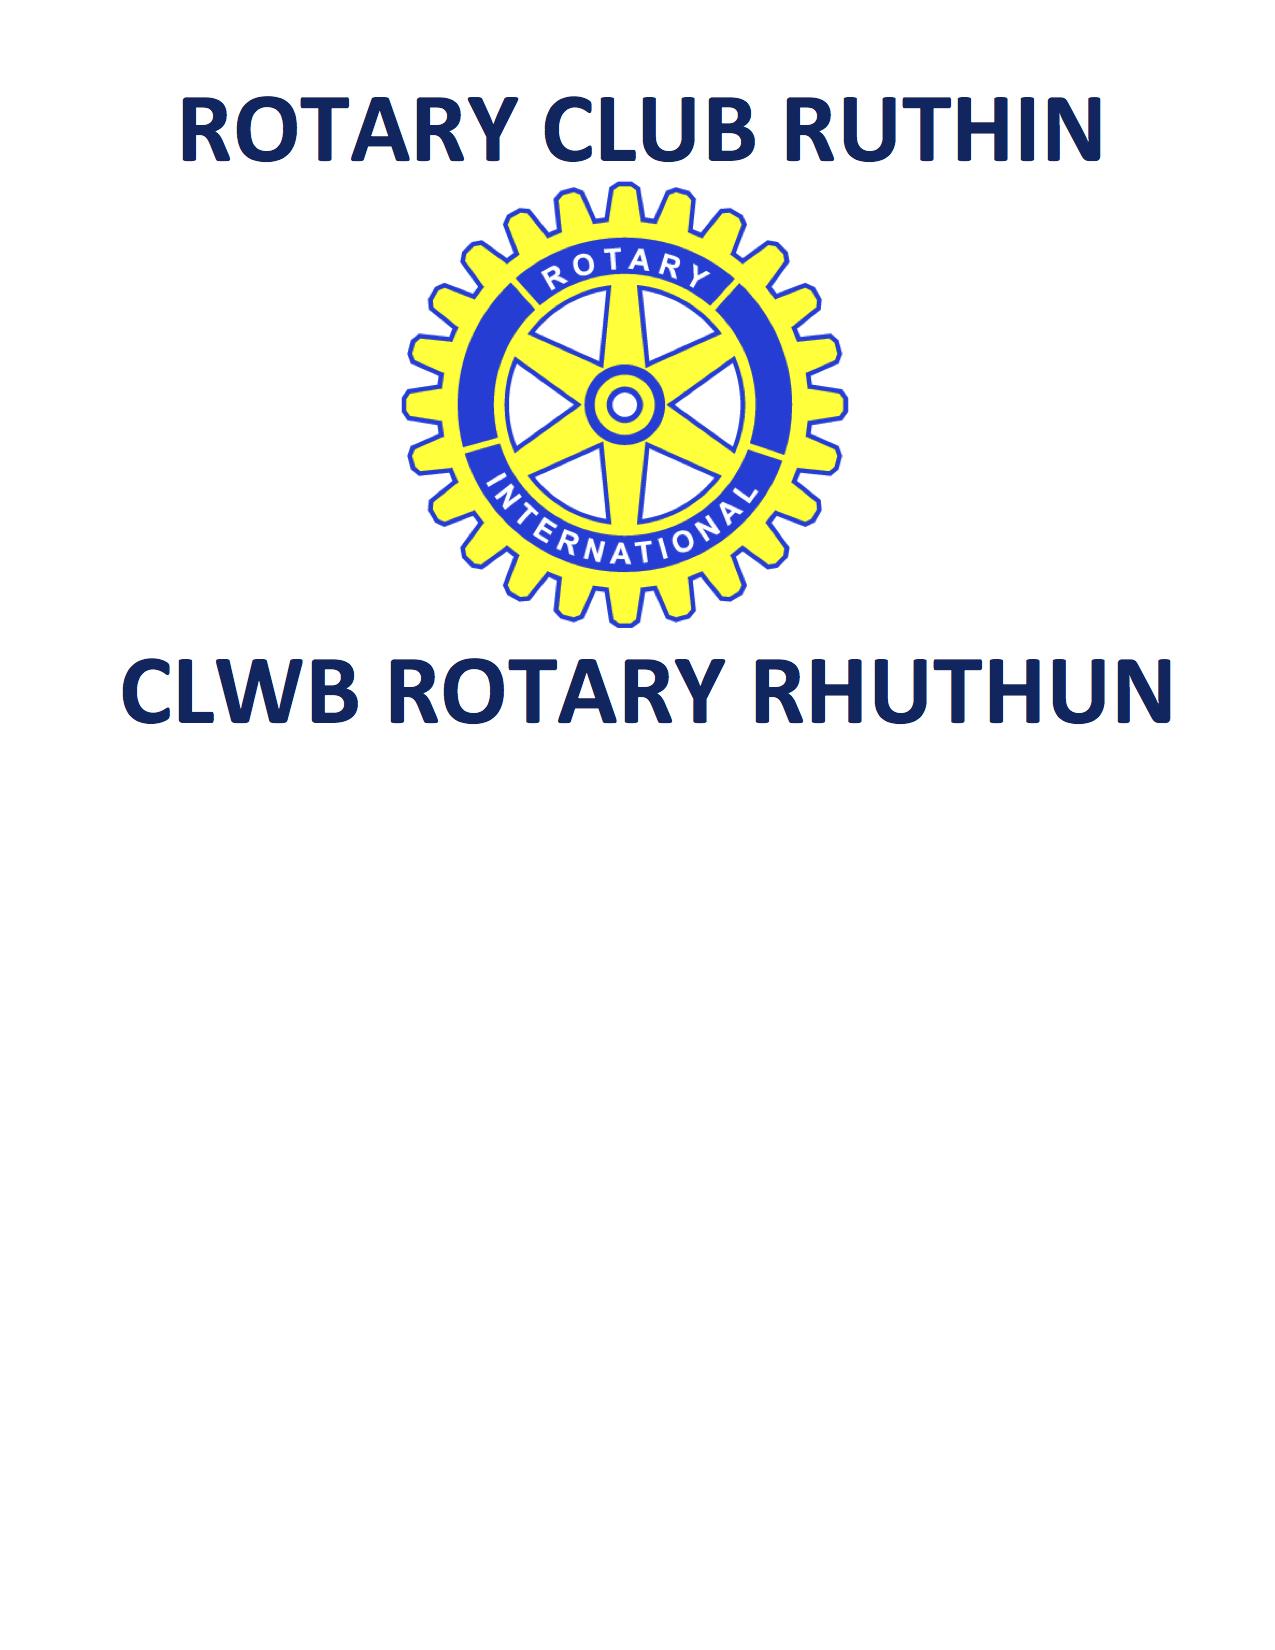 Ruthin Rotary